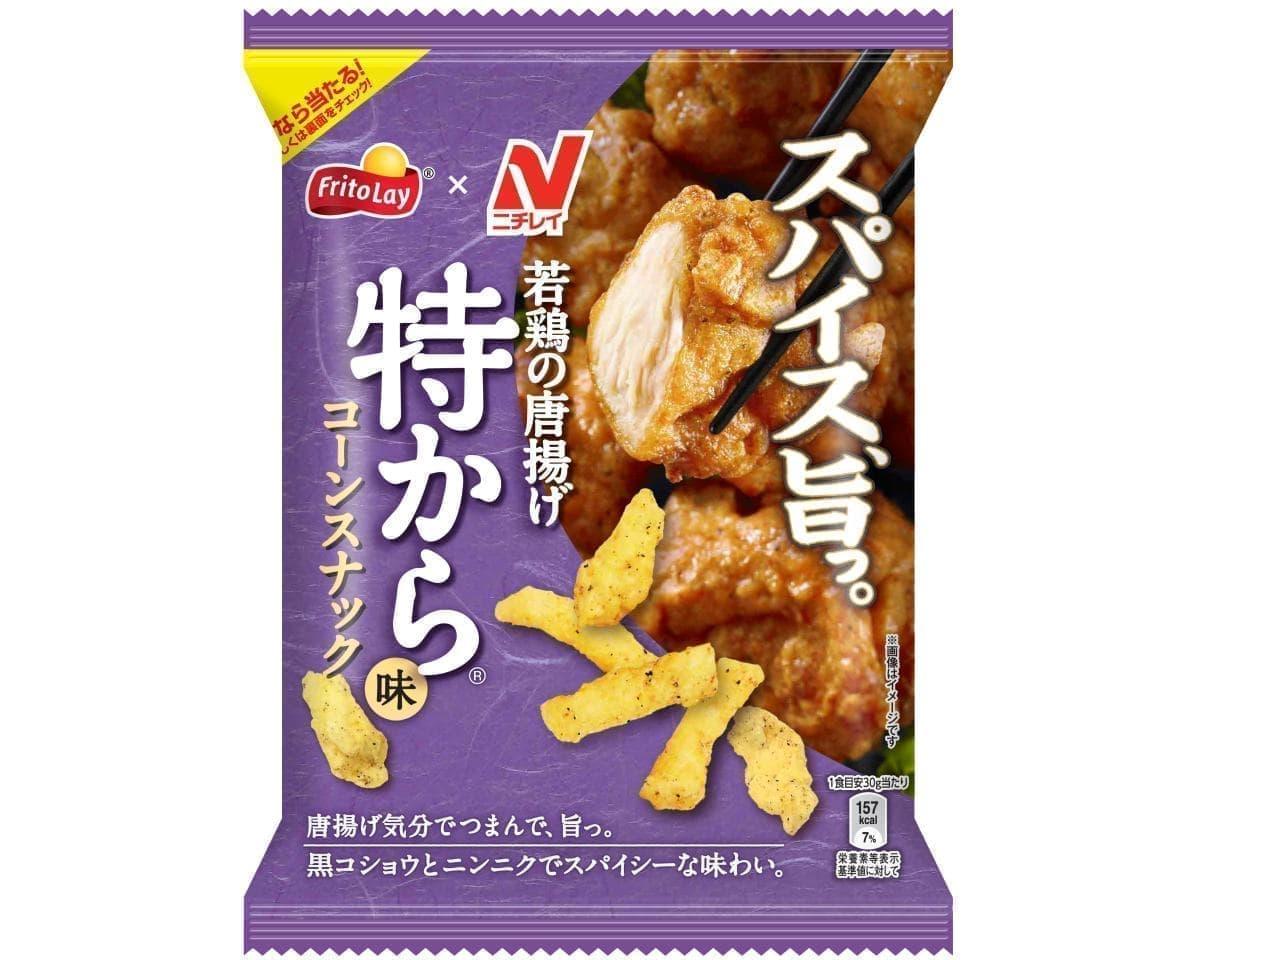 若鶏の唐揚げ 特から味 コーンスナック